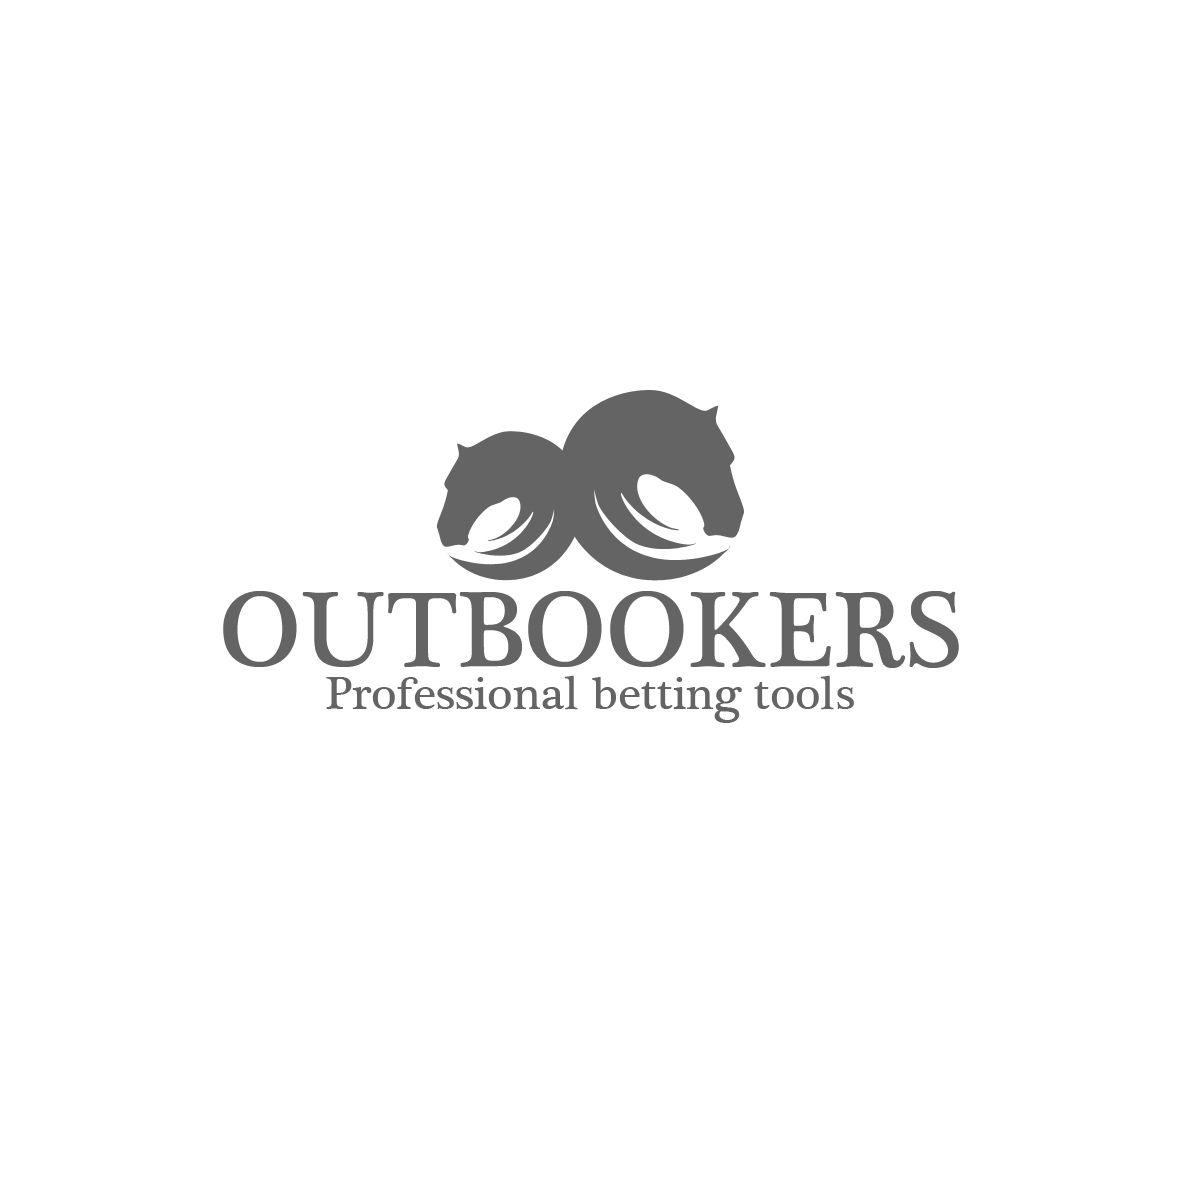 Образ лошади в логотипе (спортивная аналитика) - дизайнер weste32